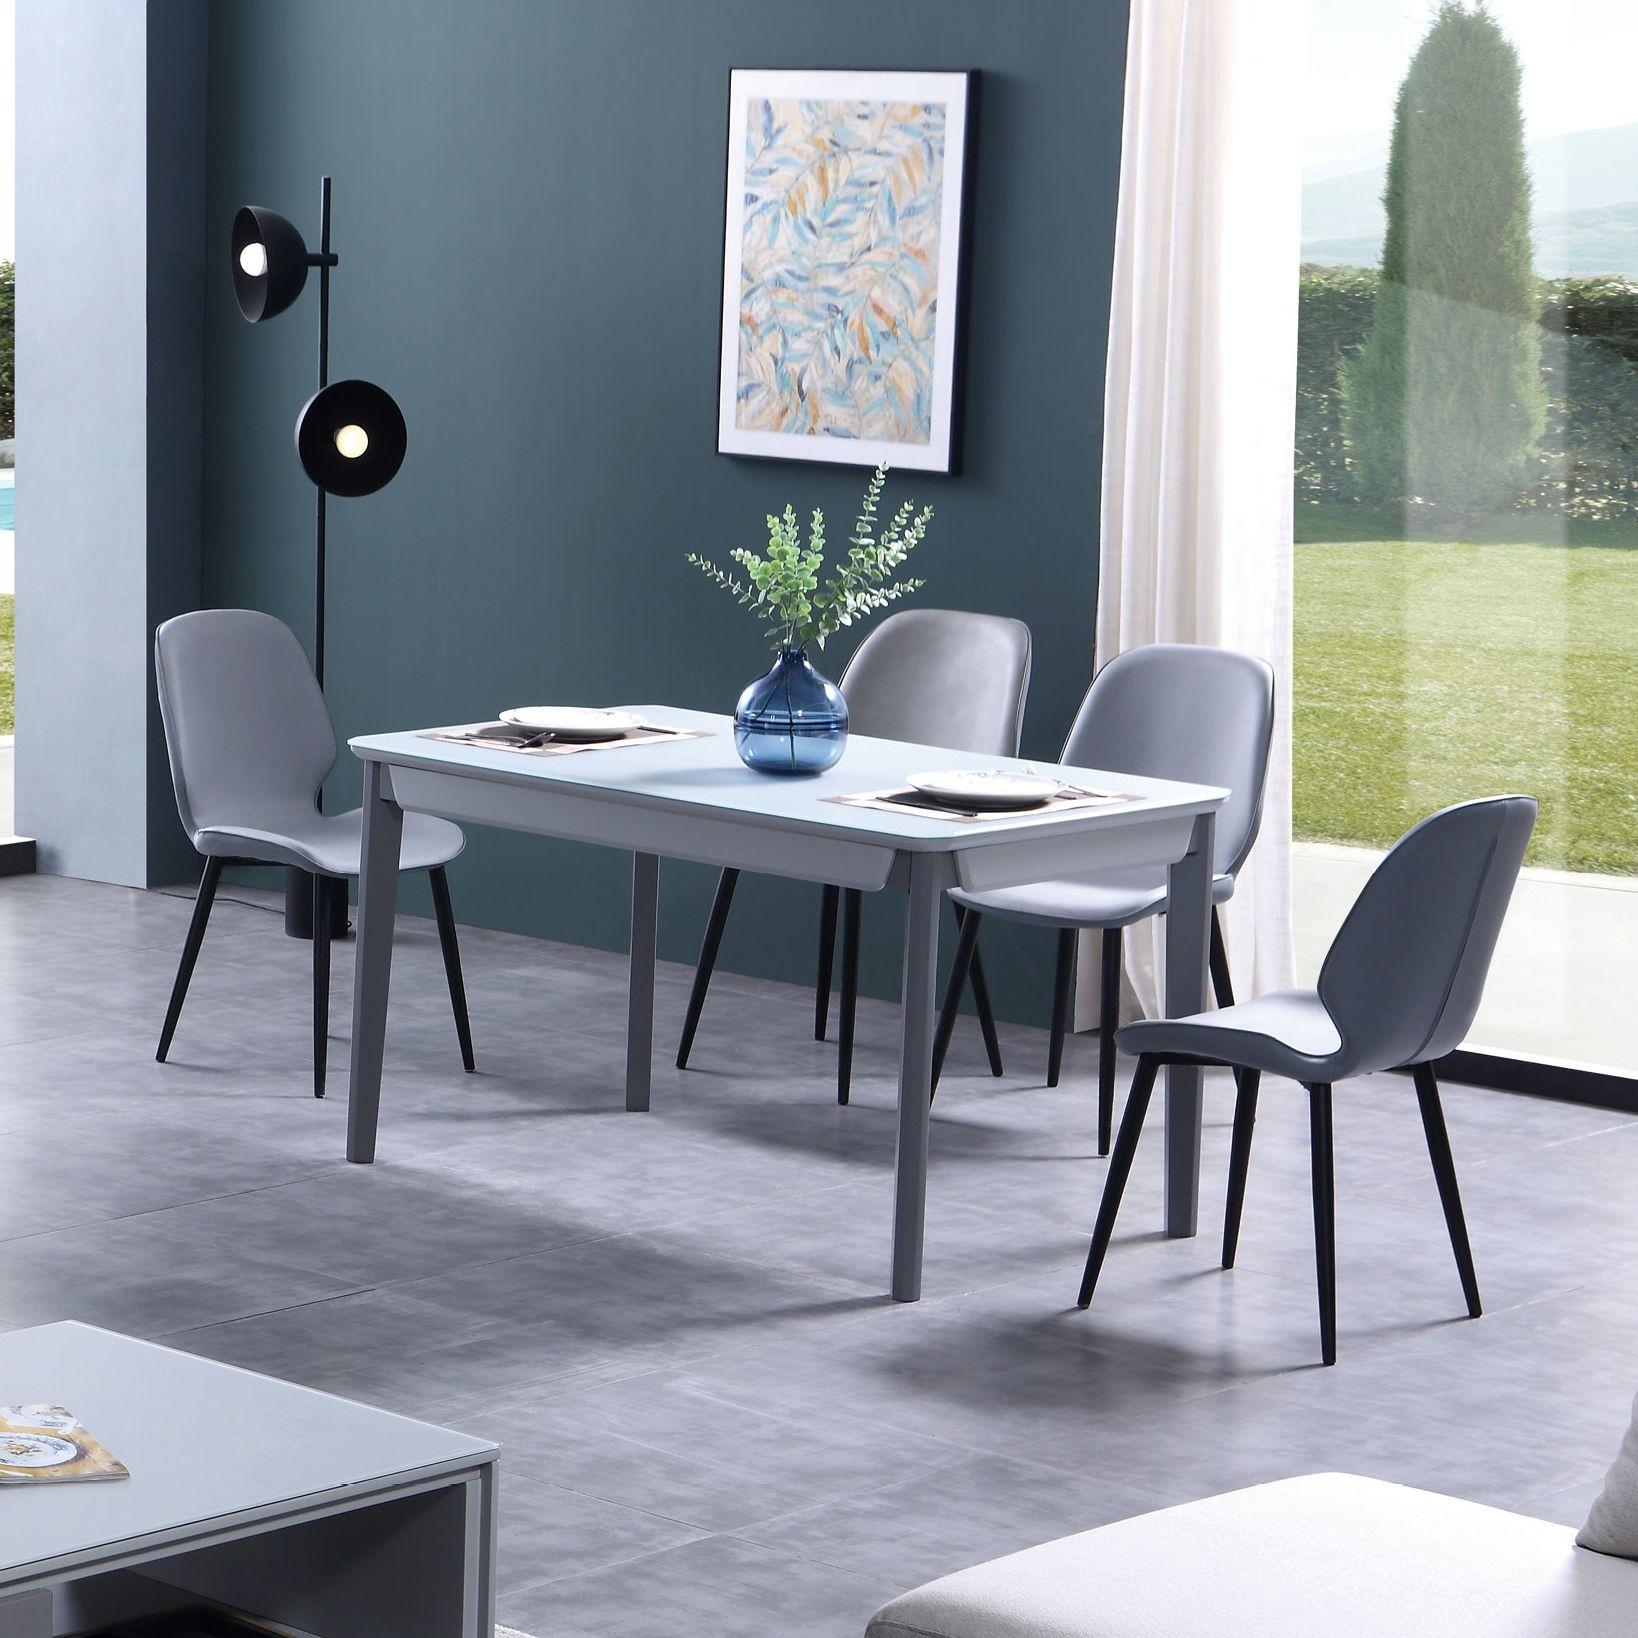 【新红阳】新优美系列  现代极简  橡木实木餐台现代小户形餐桌长方形6人饭桌 餐桌